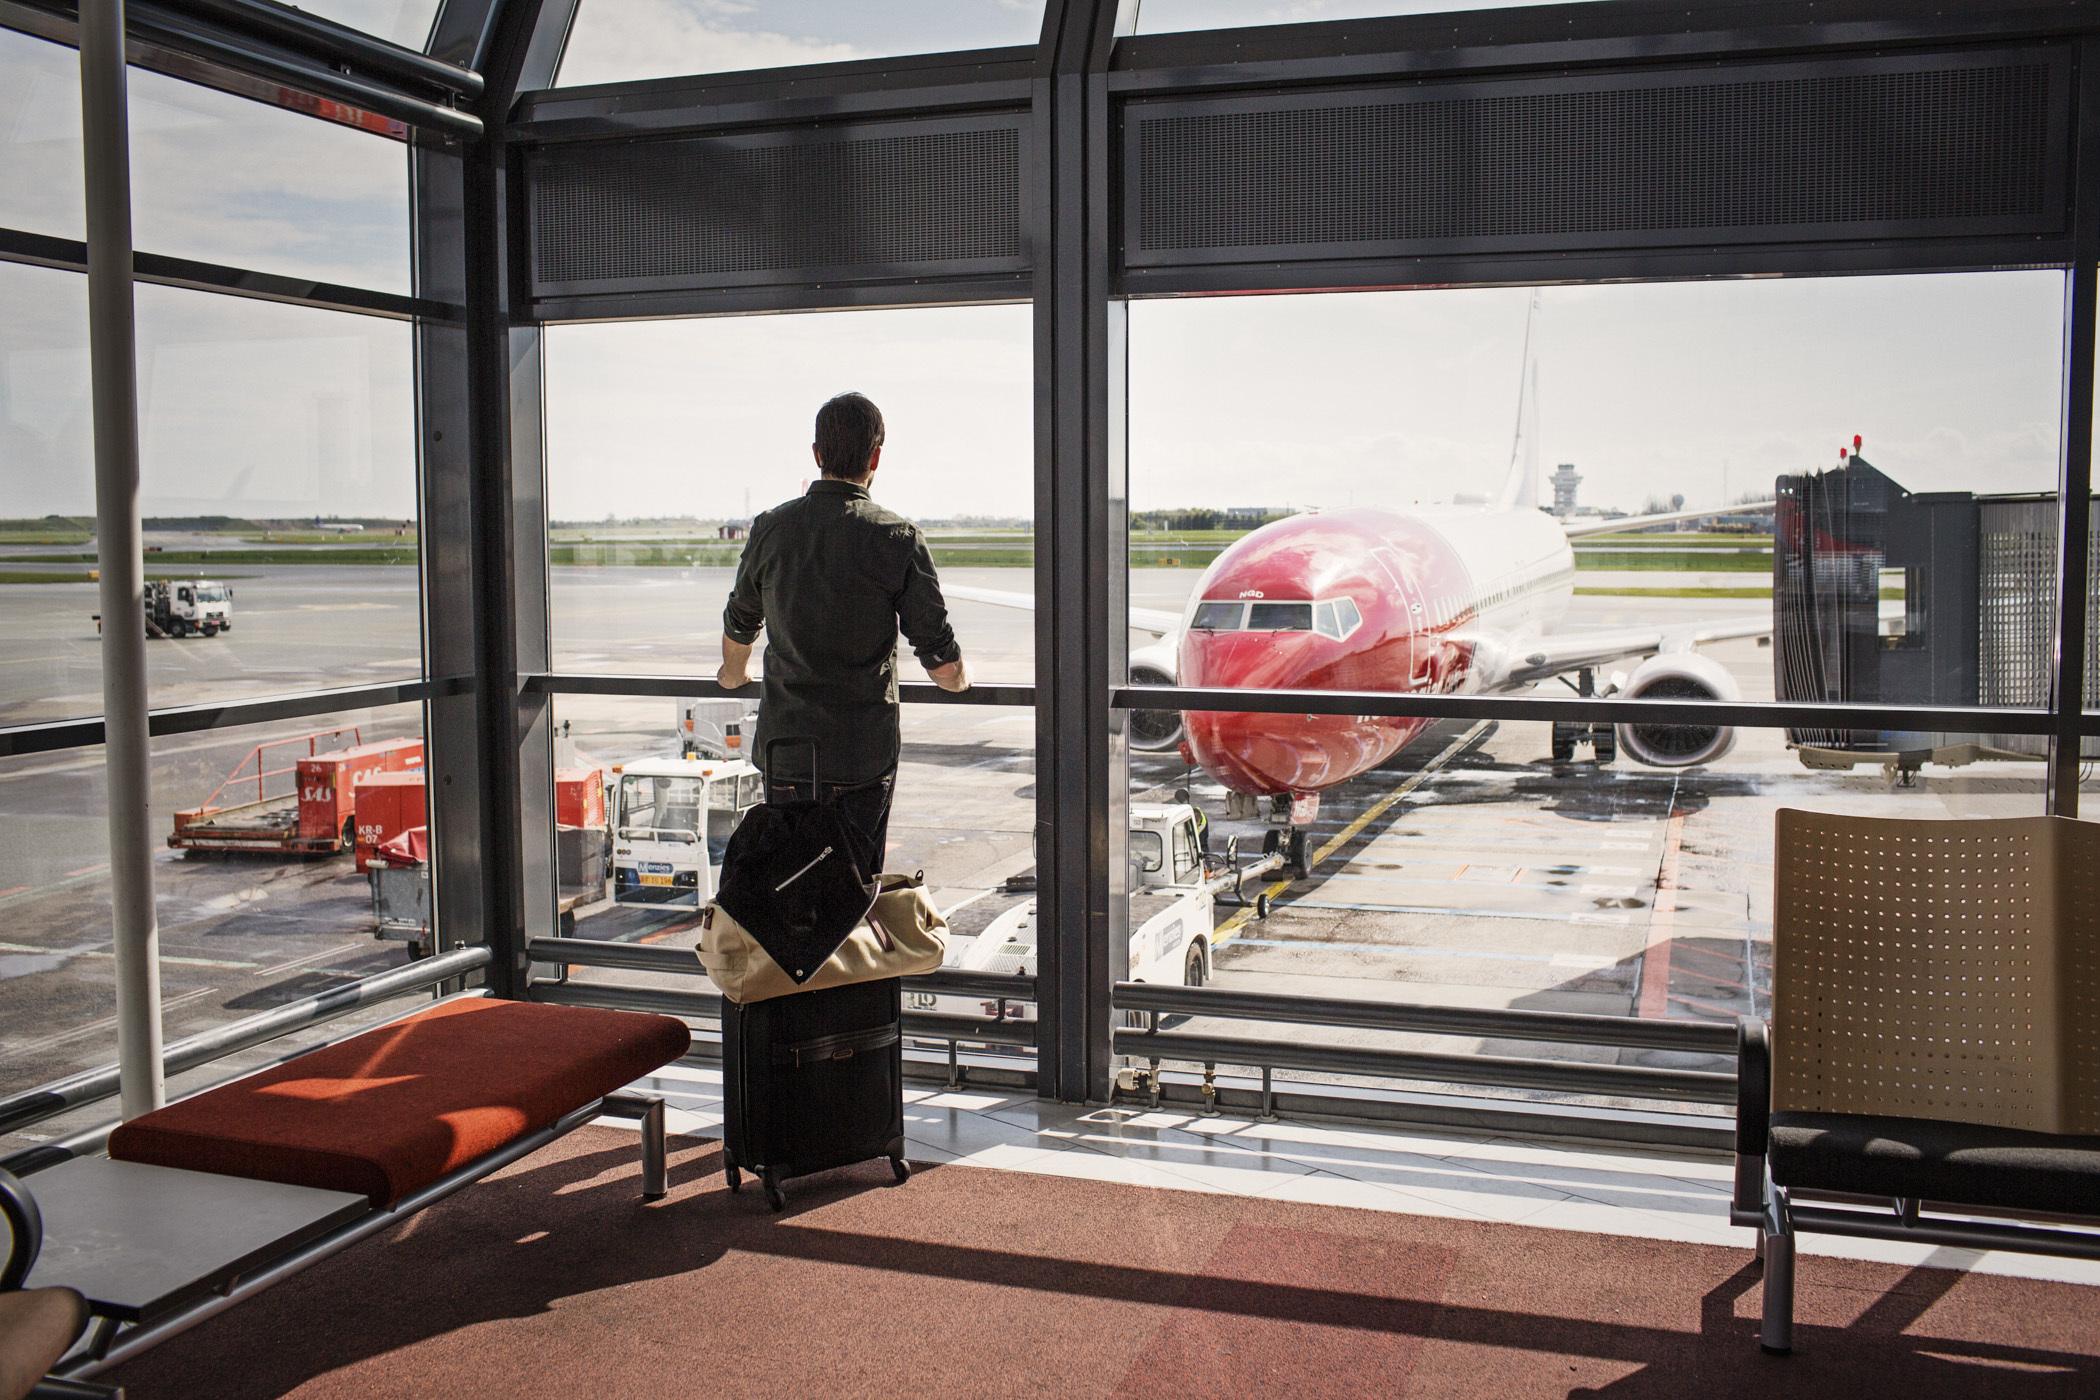 Norwegian og Europæiske ERV er netop blevet enige om, at ERV forlænger fristen for dækning ved en eventuel konkurs i flyselskabet i forhold til danske rejsebureaukunder. Pressefoto: Norwegian.